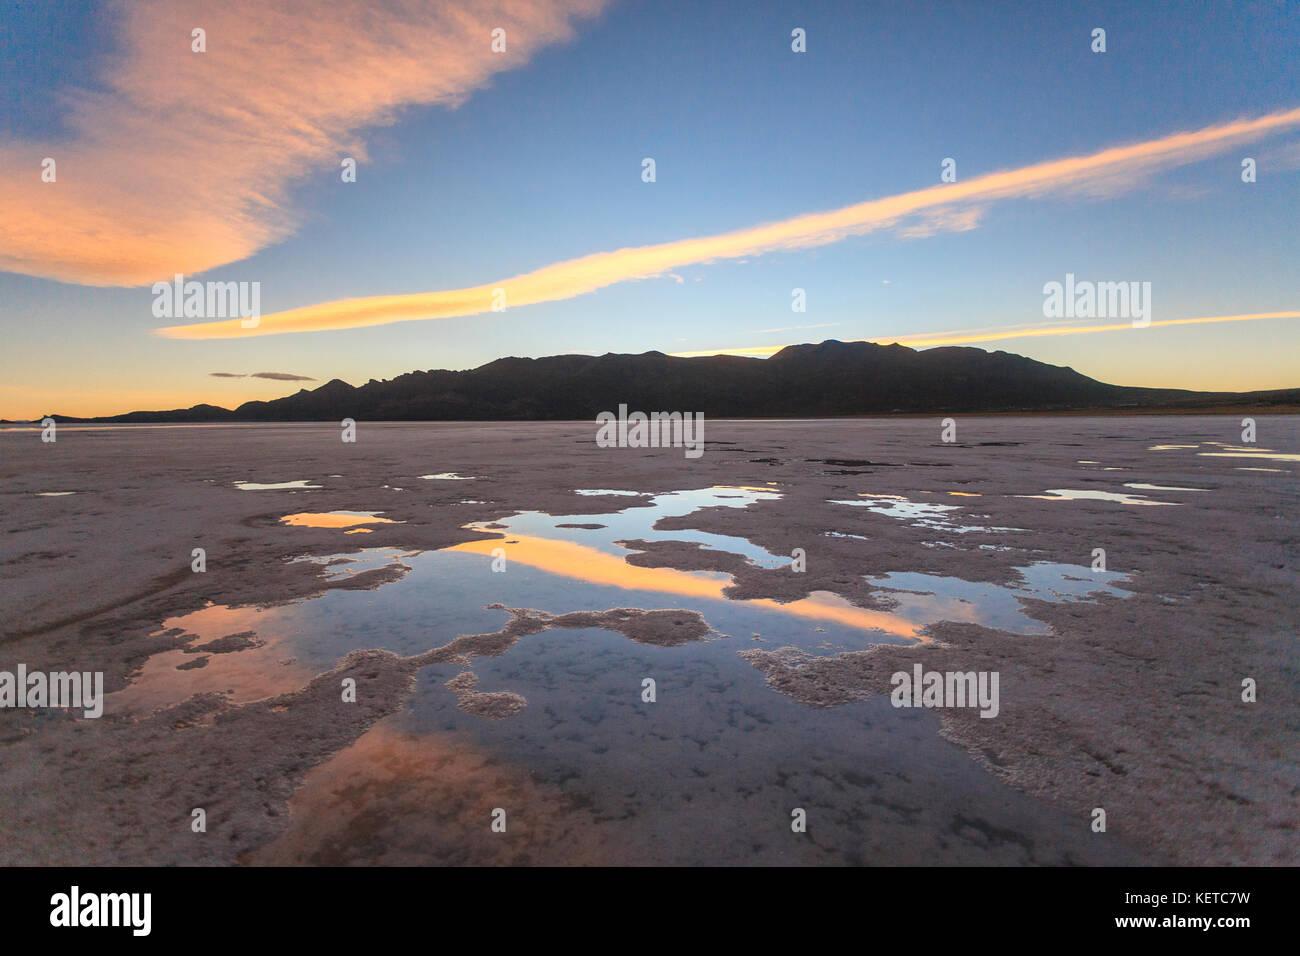 Les nuages roses au coucher du soleil se reflètent sur la croûte de sel du Salar de Uyuni sud lipez Bolivie Photo Stock